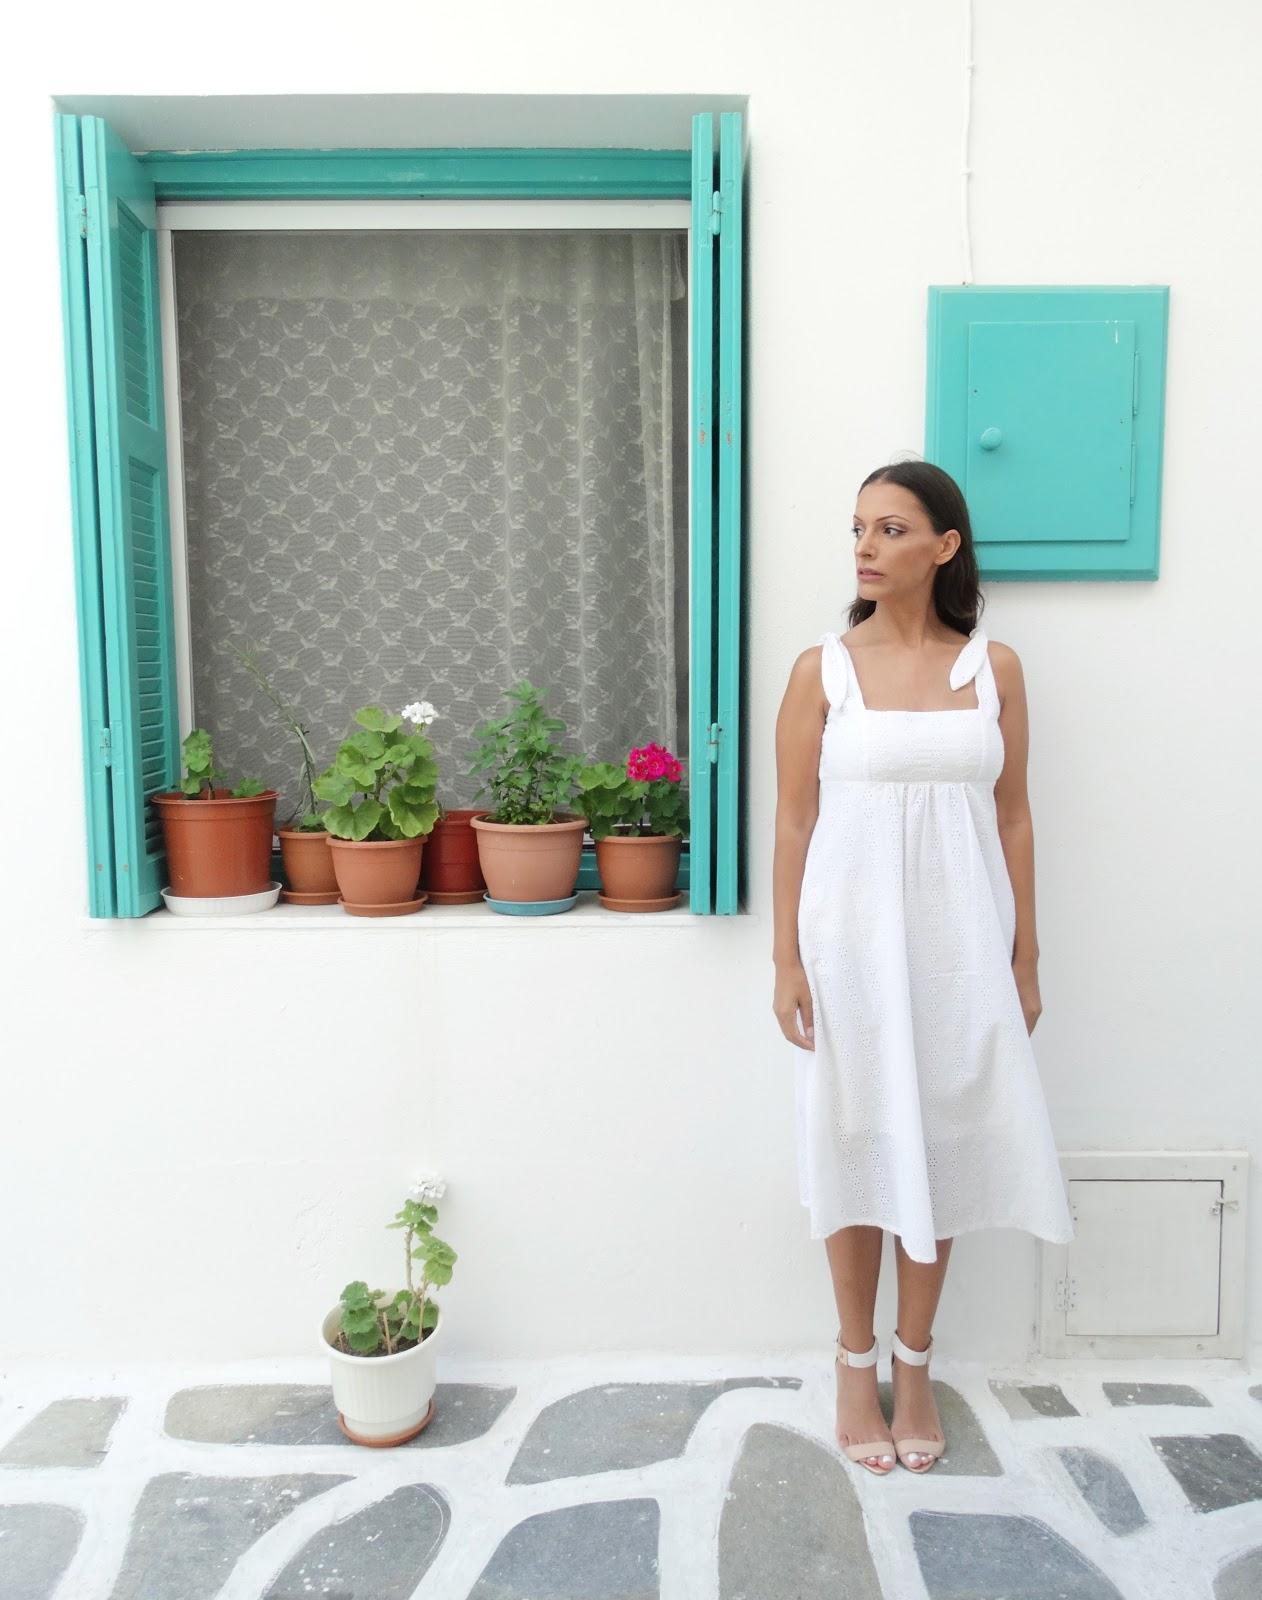 שמלה לבנה בטיול למיקונוס